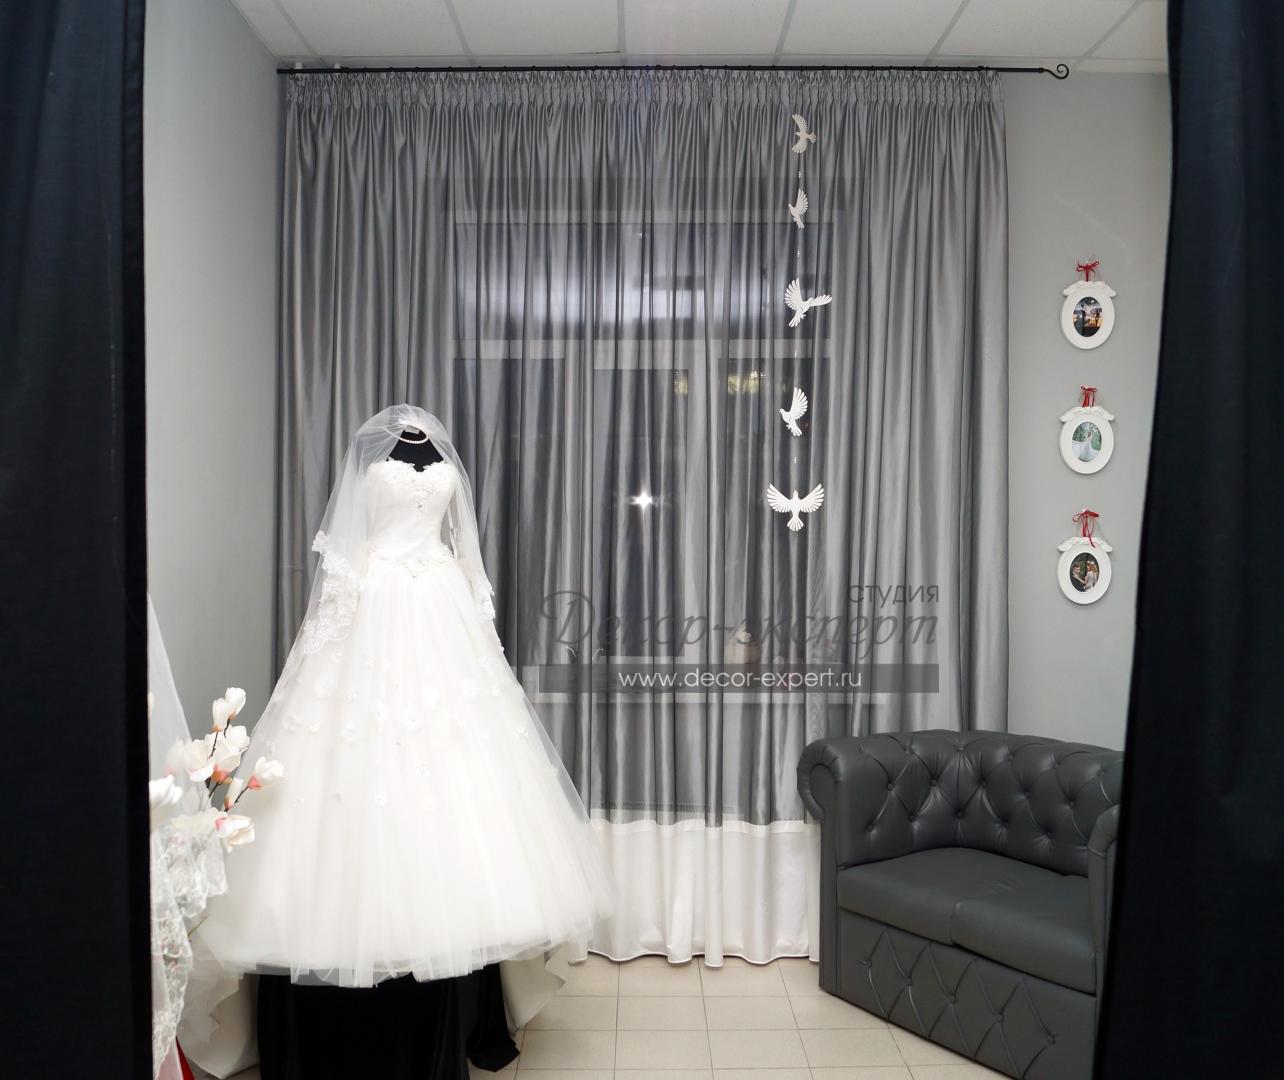 Лёгкие шторы в салоне свадебных платьев в Тольятти